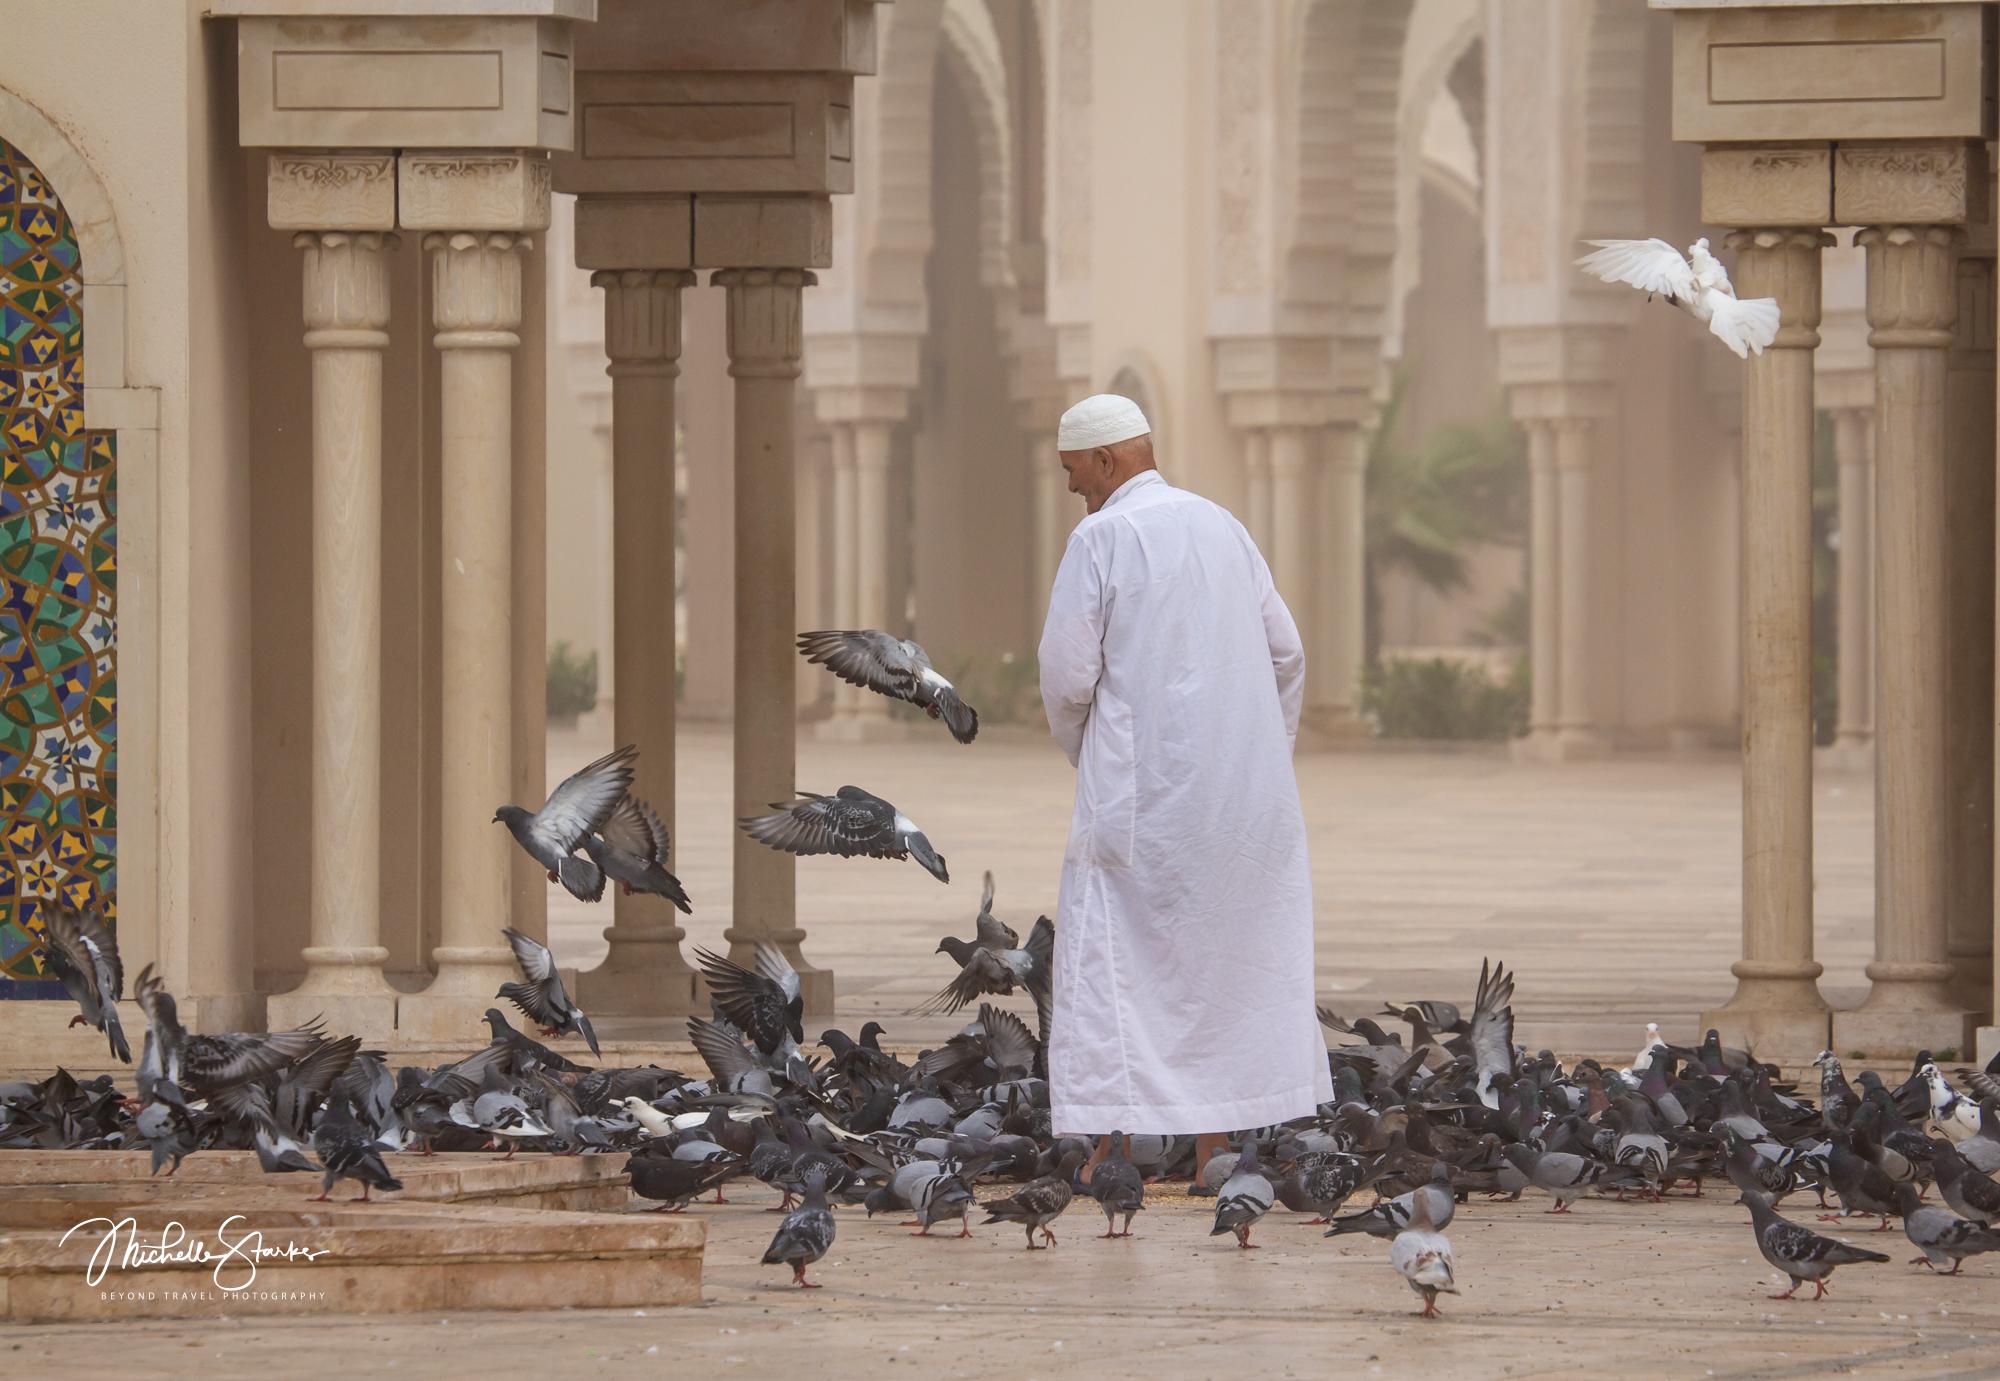 Feeding Birds, Grande Mosquée Hassan II, Casablanca, Morocco